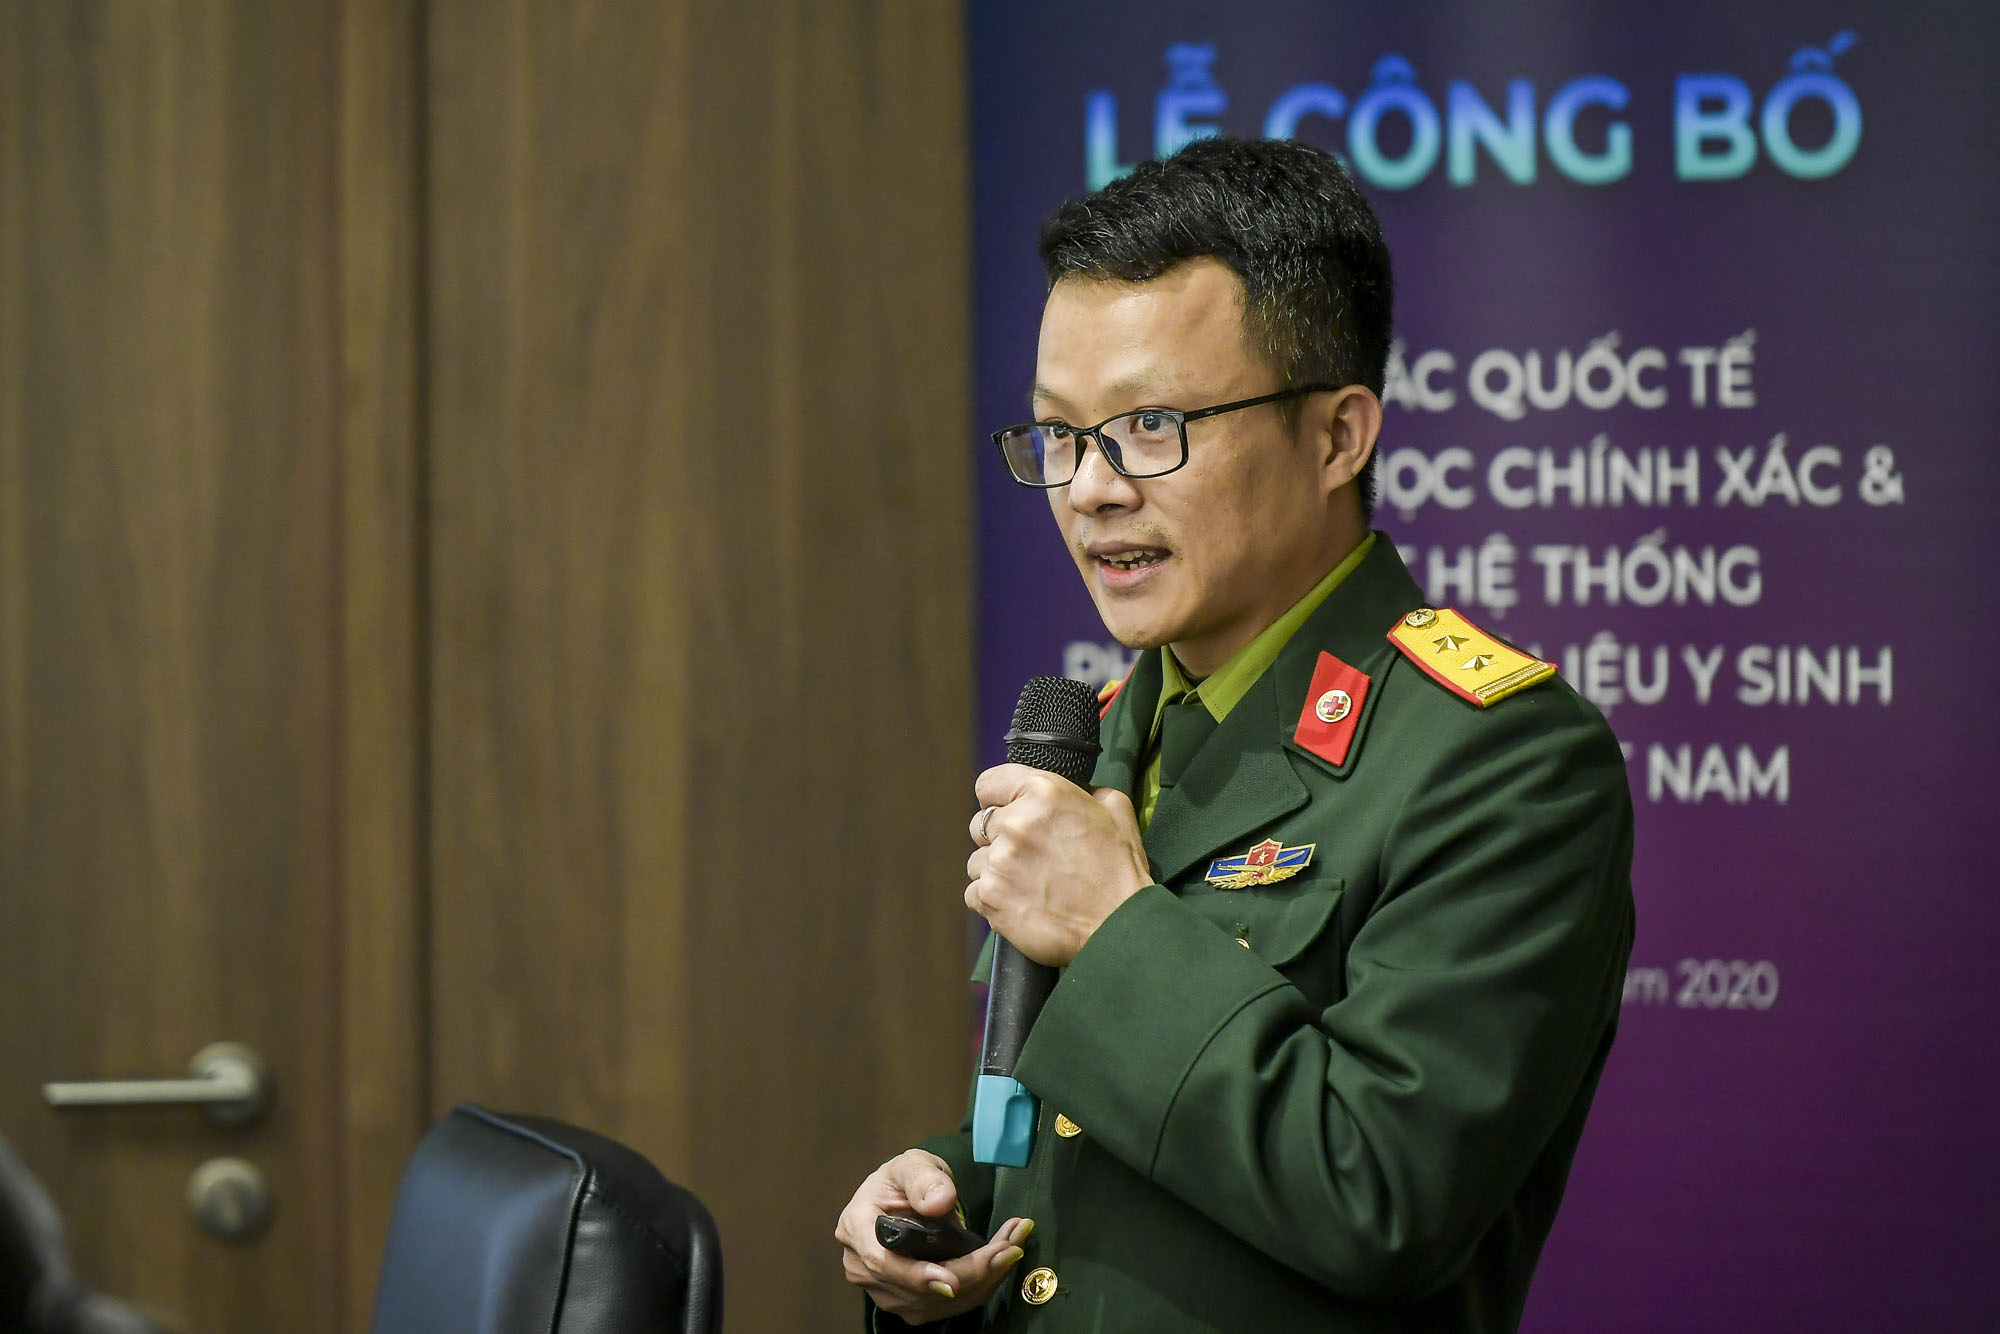 Vingroup công bố hợp tác quốc tế và ra mắt hệ thống quản lý dữ liệu Y sinh lớn nhất Việt Nam - Ảnh 2.